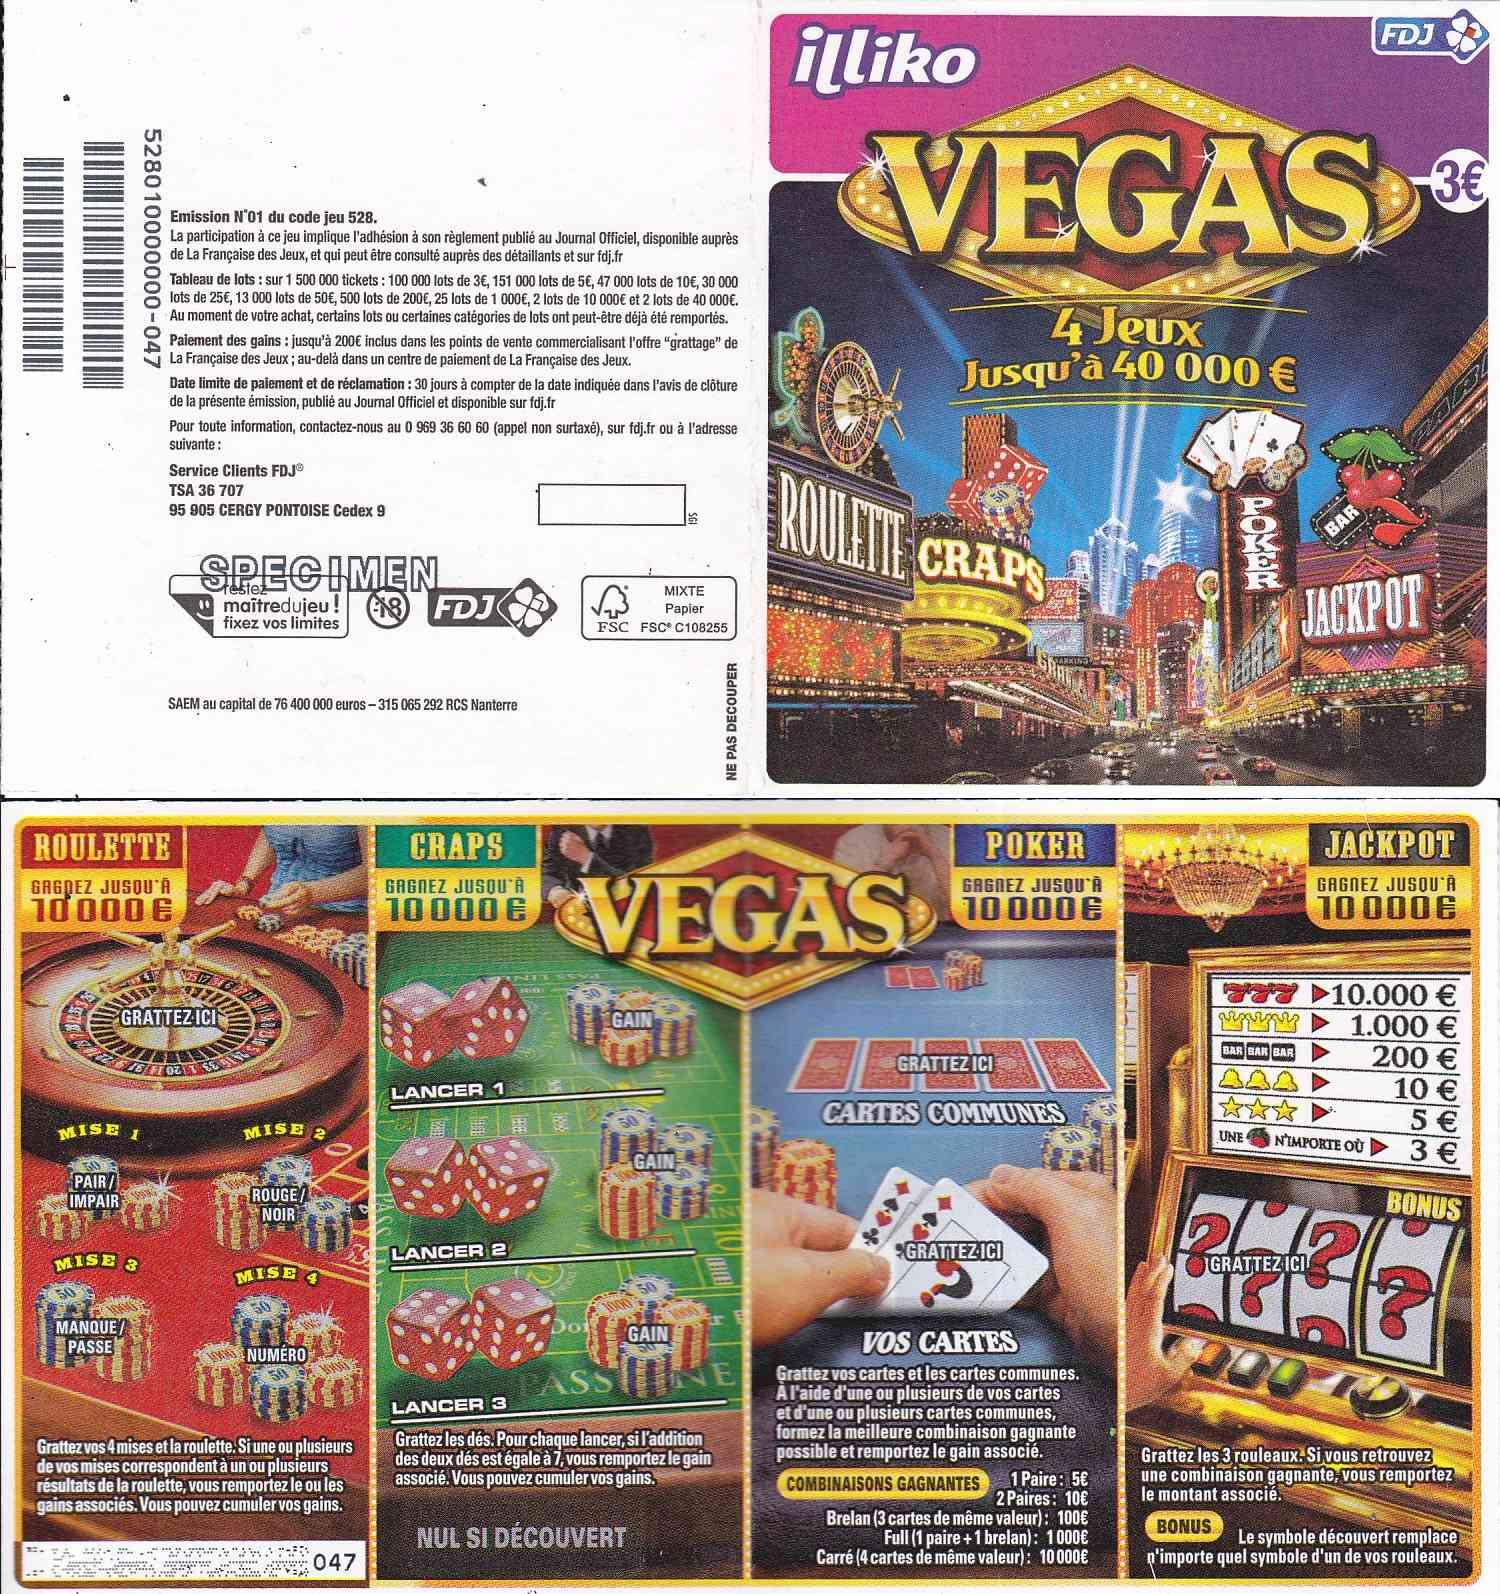 Captain spins casino no deposit bonus